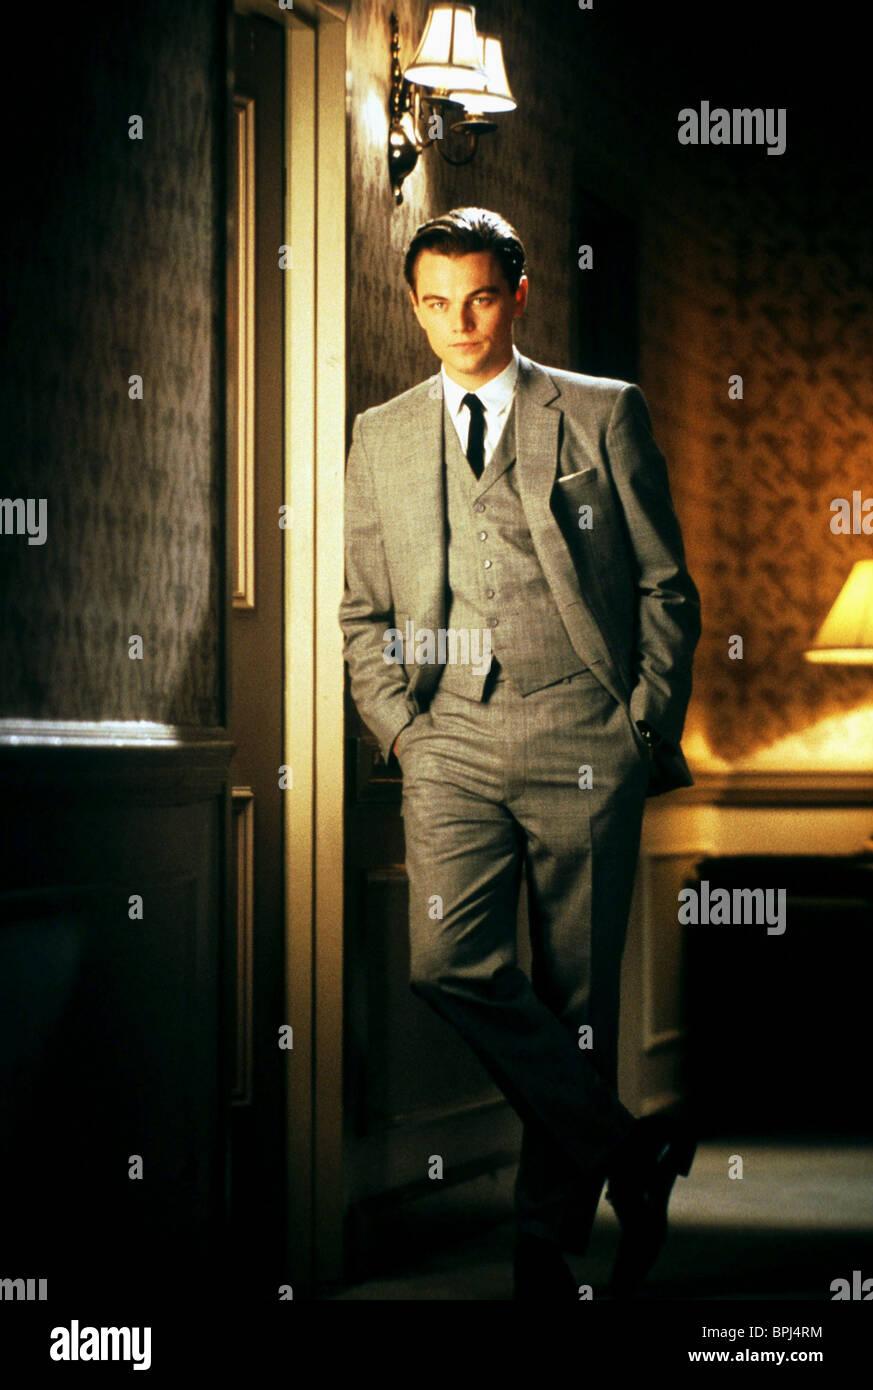 Leonardo Dicaprio Catch Me If You Can 2002 Stock Photo Alamy